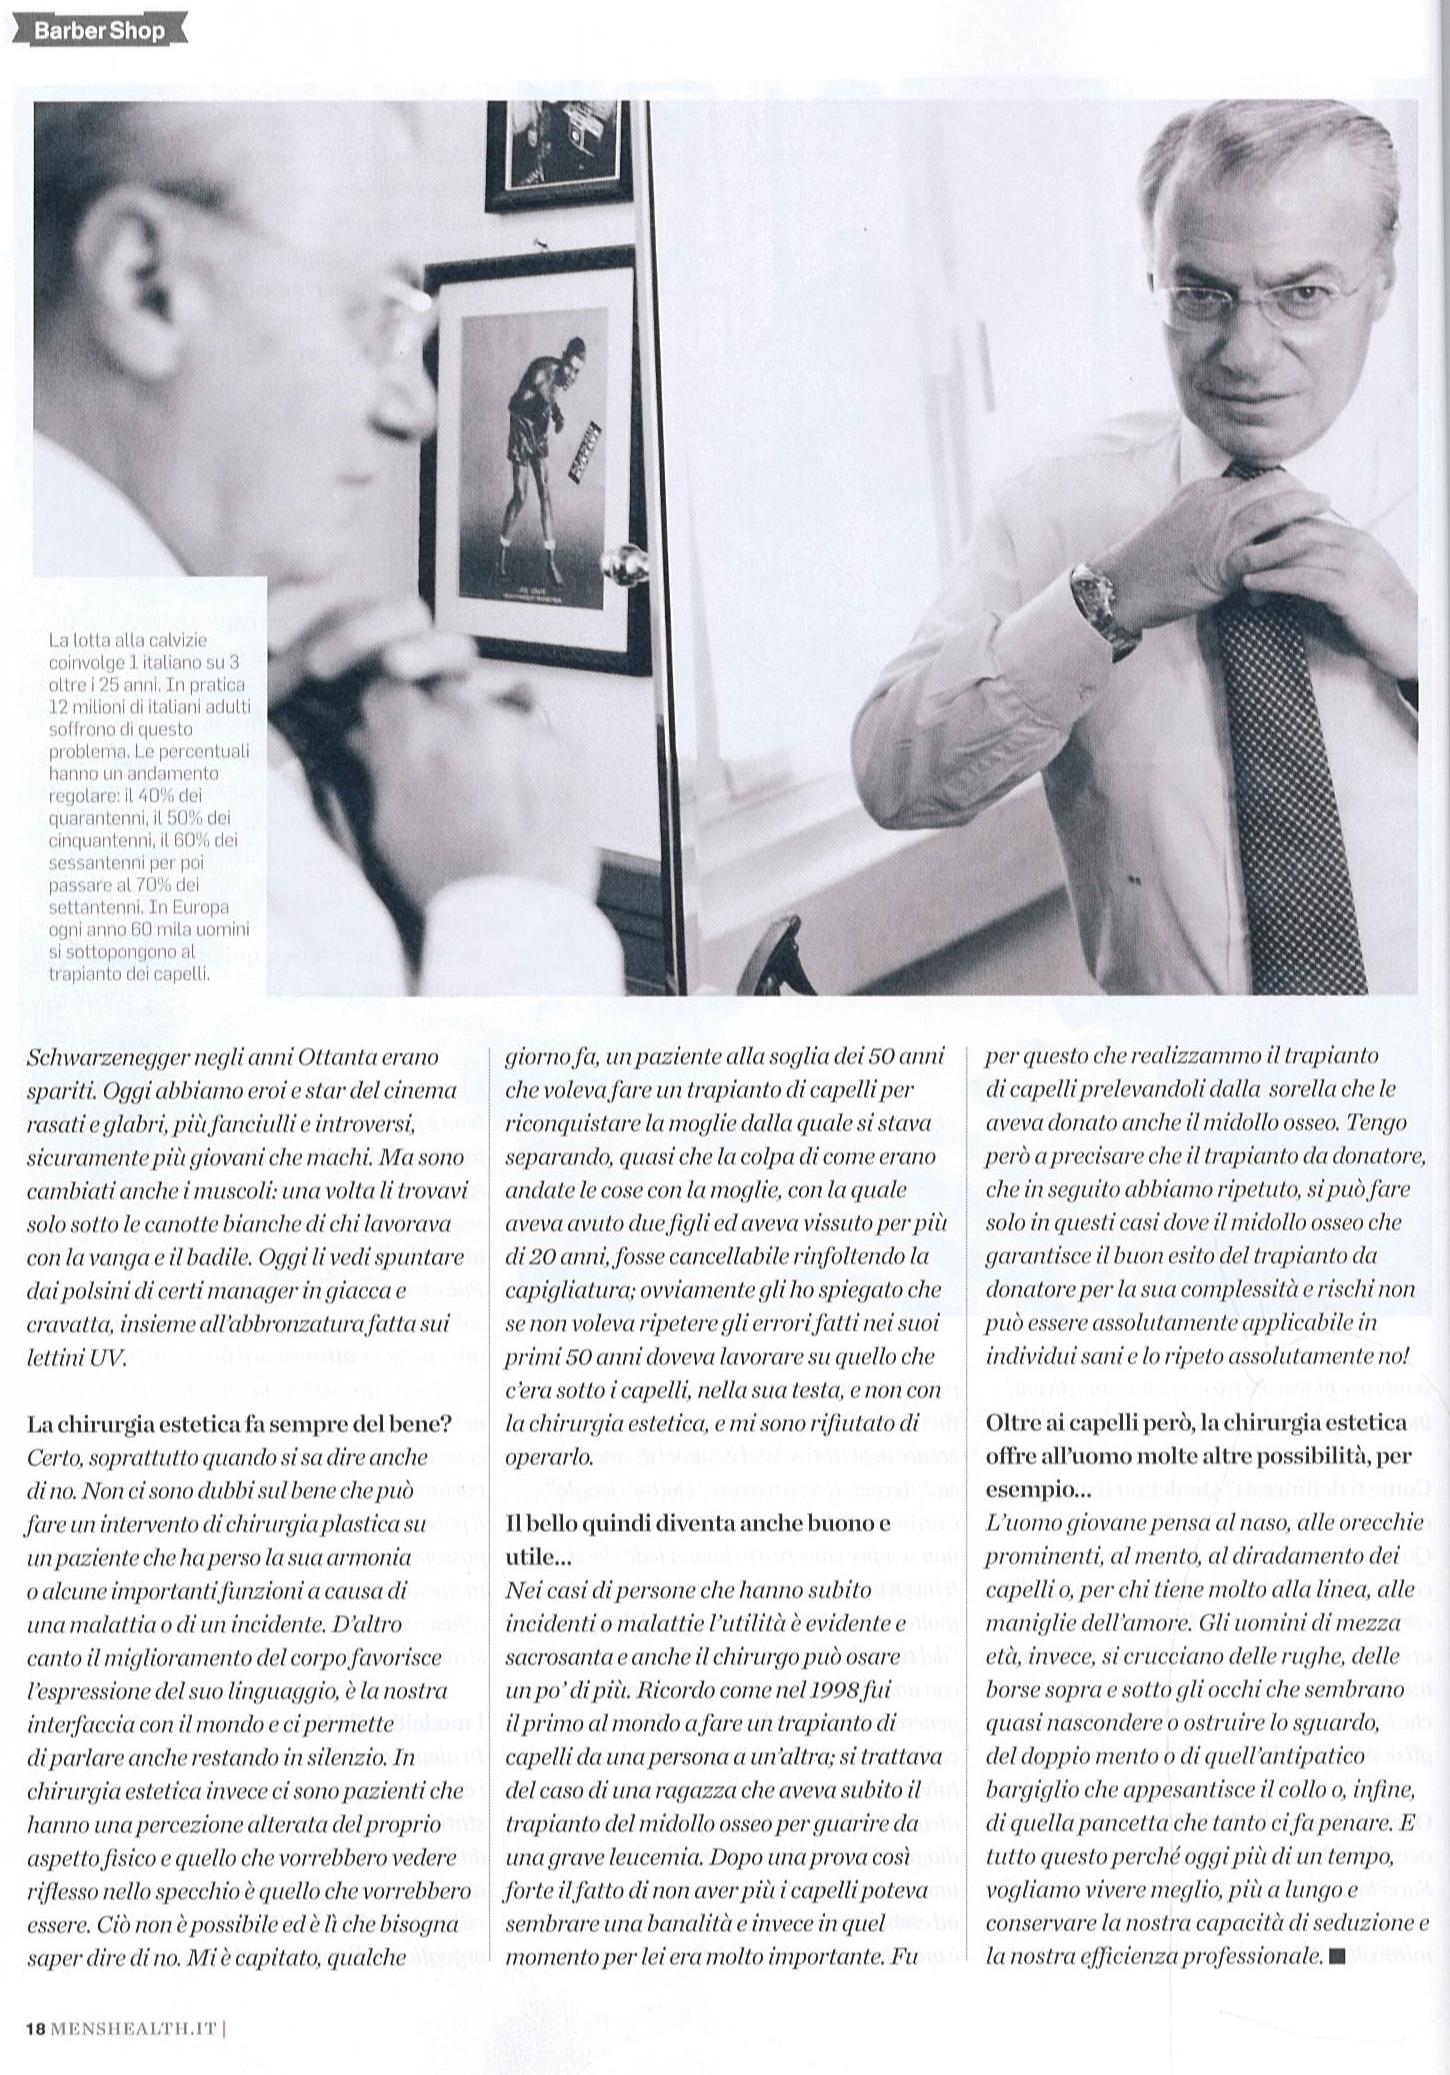 Piero Rosati: il mago dei capelli, l'uomo dei sogni - Men's Health articolo 5